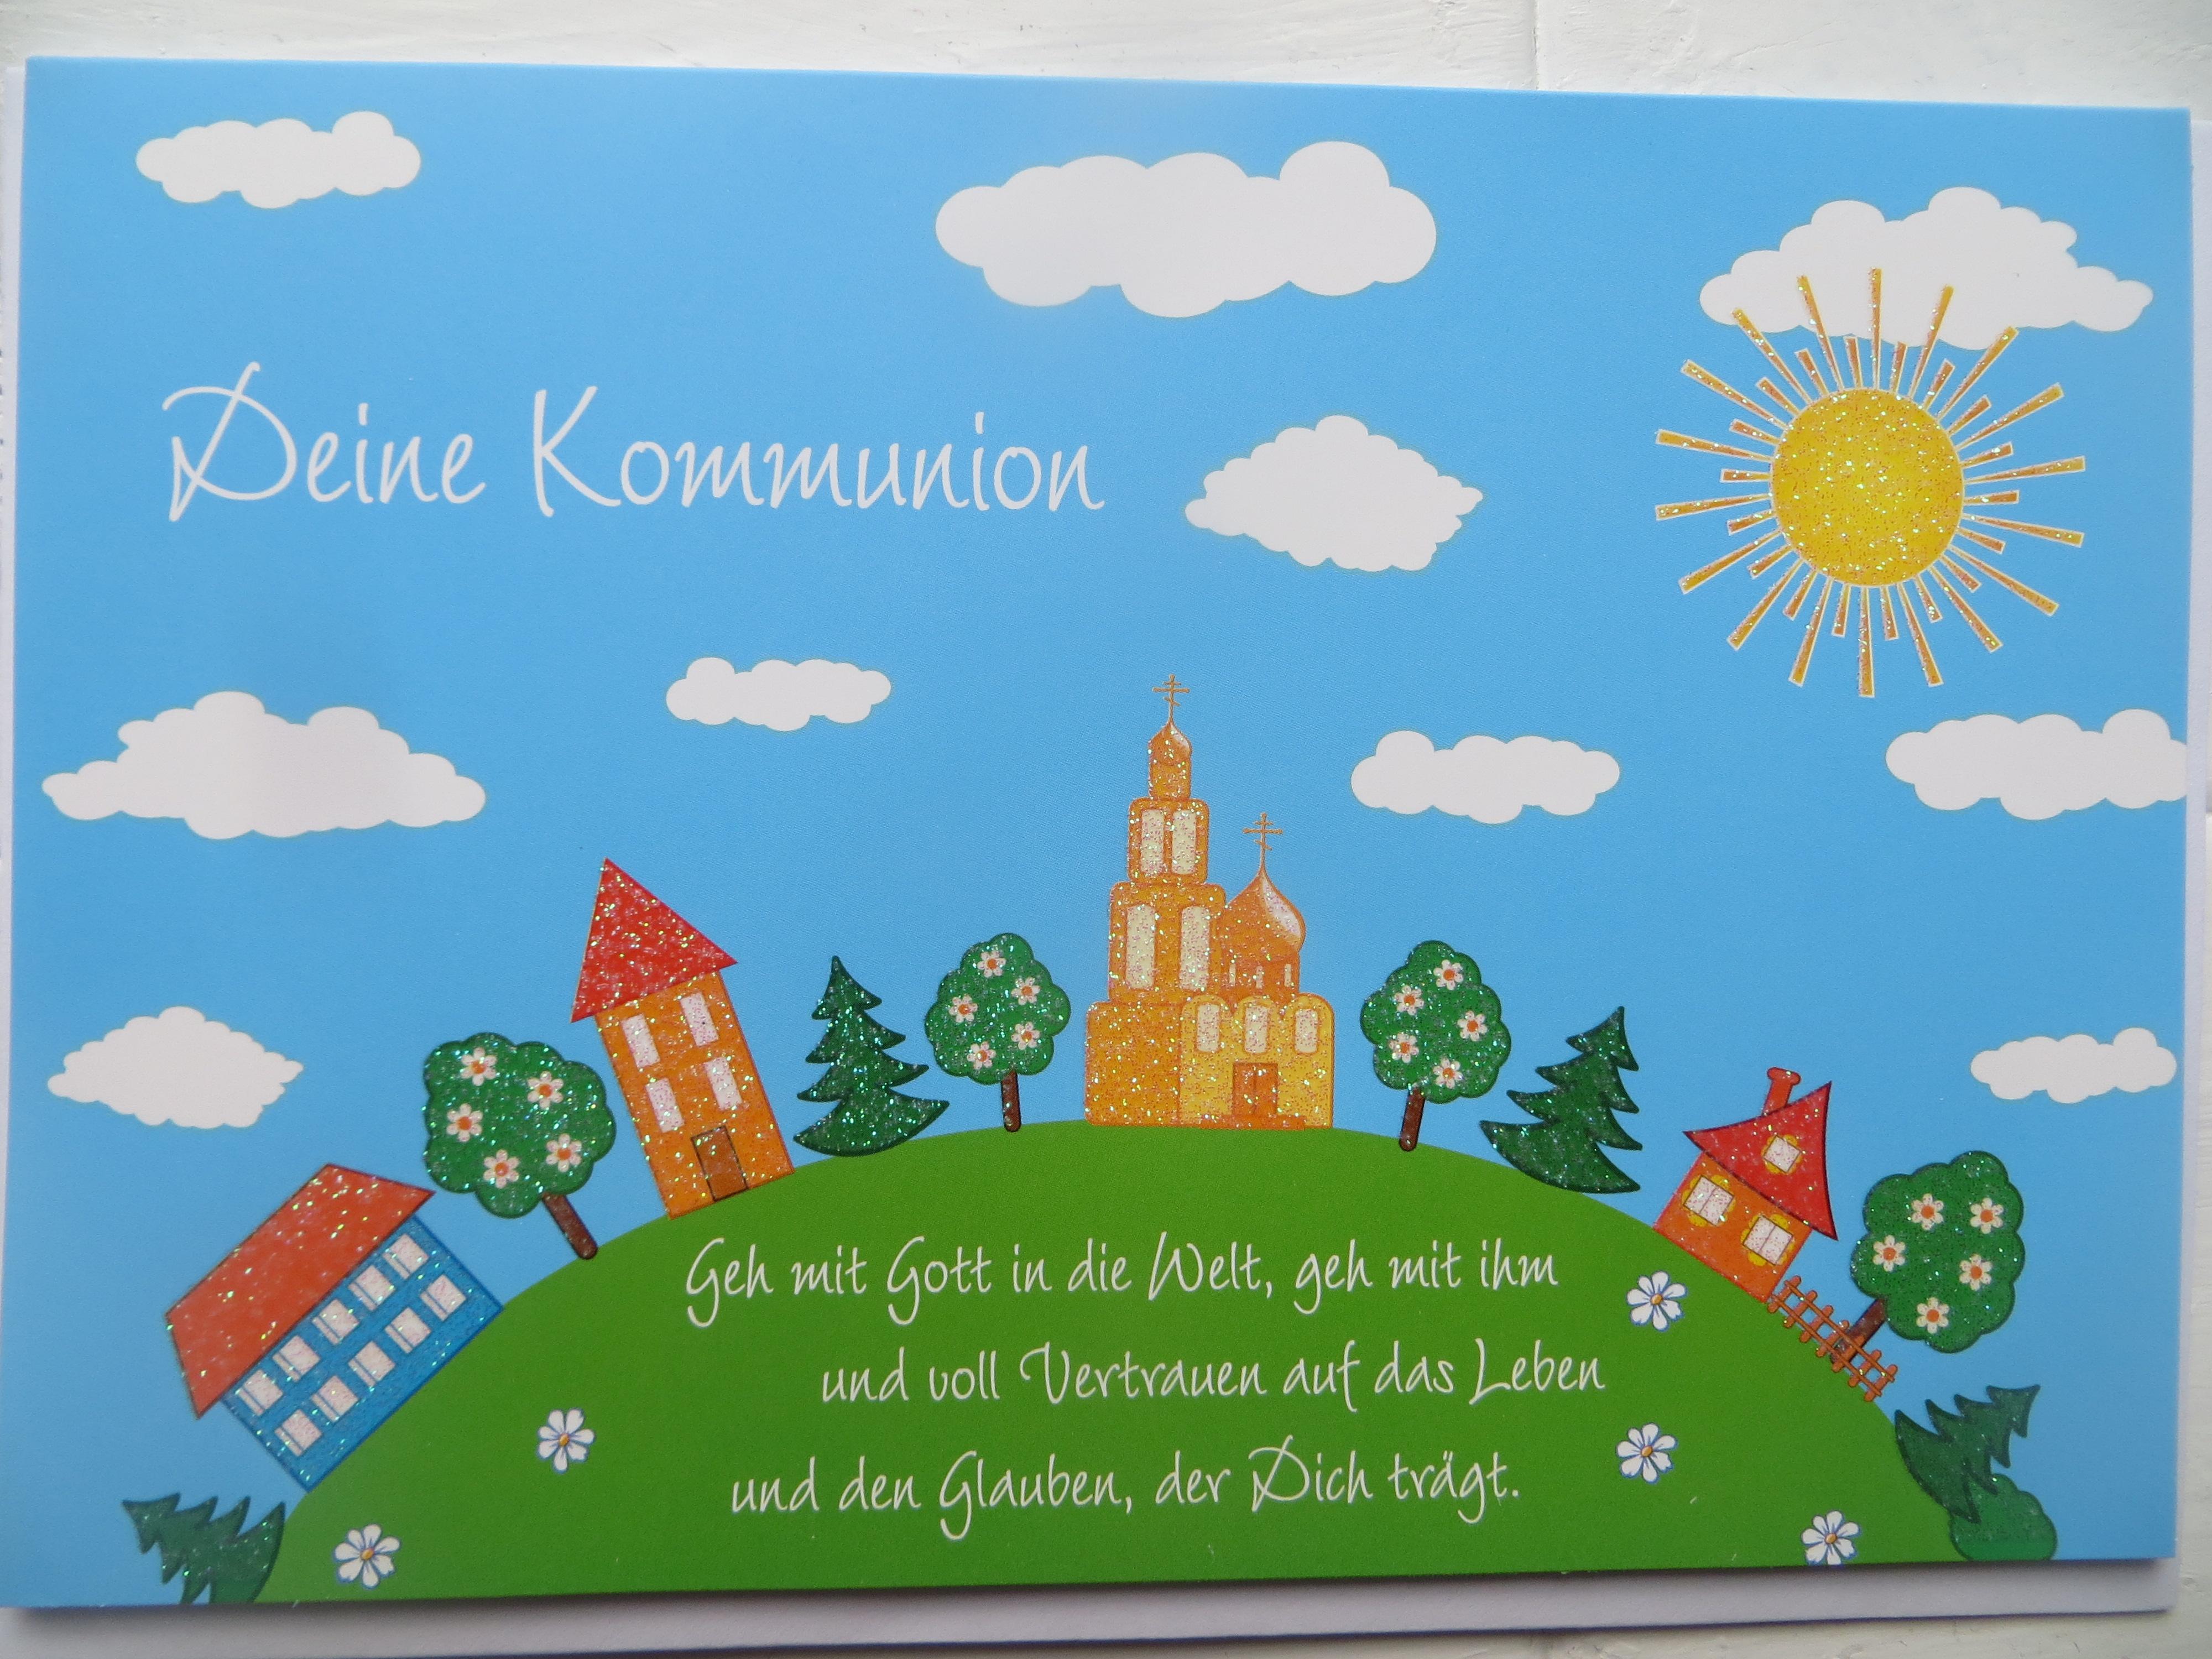 Nützlichgrusskarten - Klappkarte Deine Kommunion Geh mit Gott in die Welt. - Onlineshop Tante Emmer